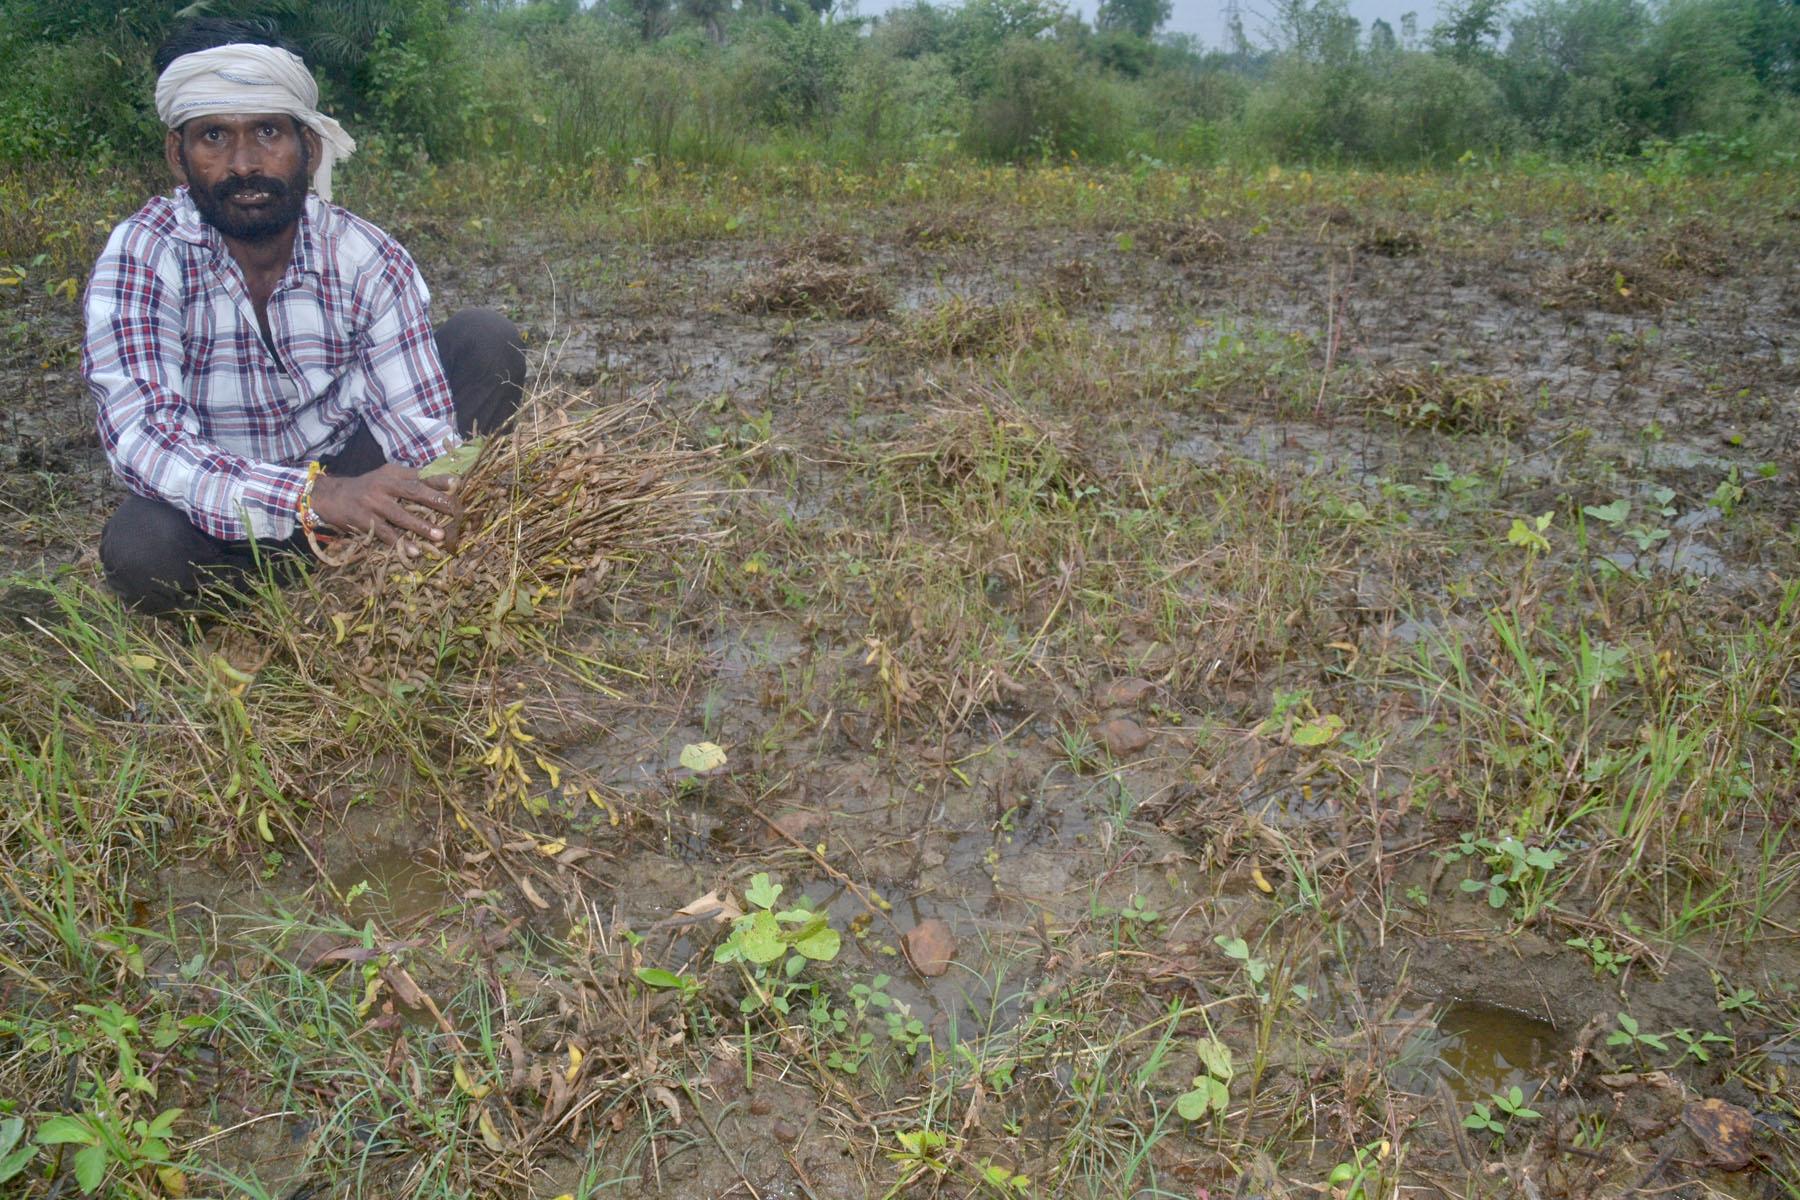 दो दिन से धूप नहीं निकली तो सडऩे लगी फसल मौसम नहीं सुधरा तो होगा 61 करोड़ का नुकसान